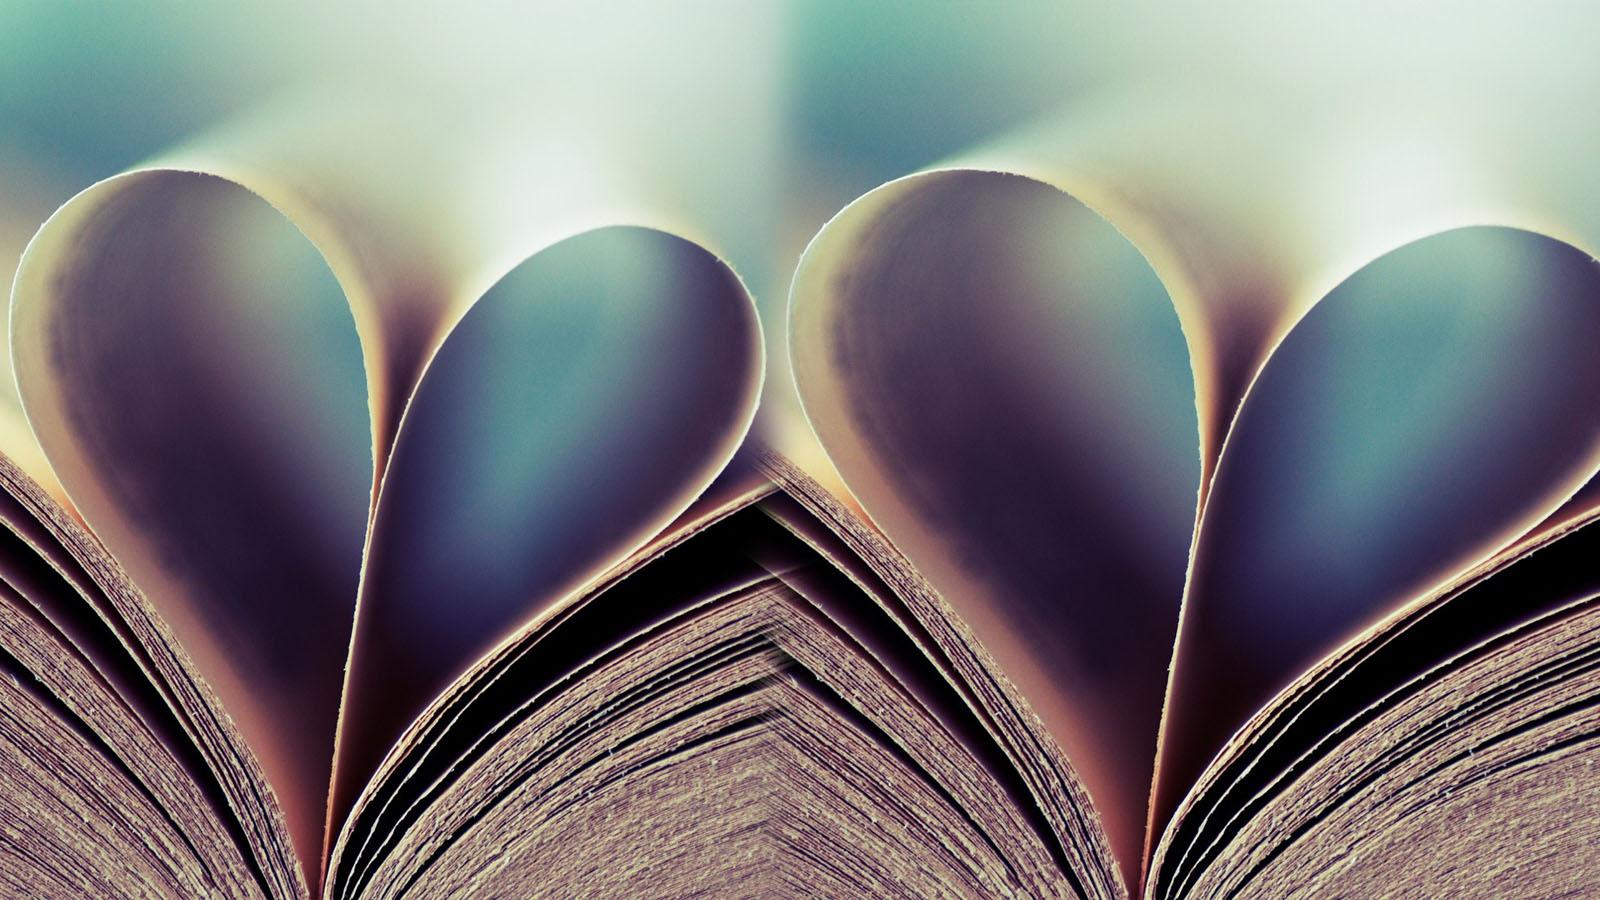 Book Love Twitter Background by MrRiz 1600x900